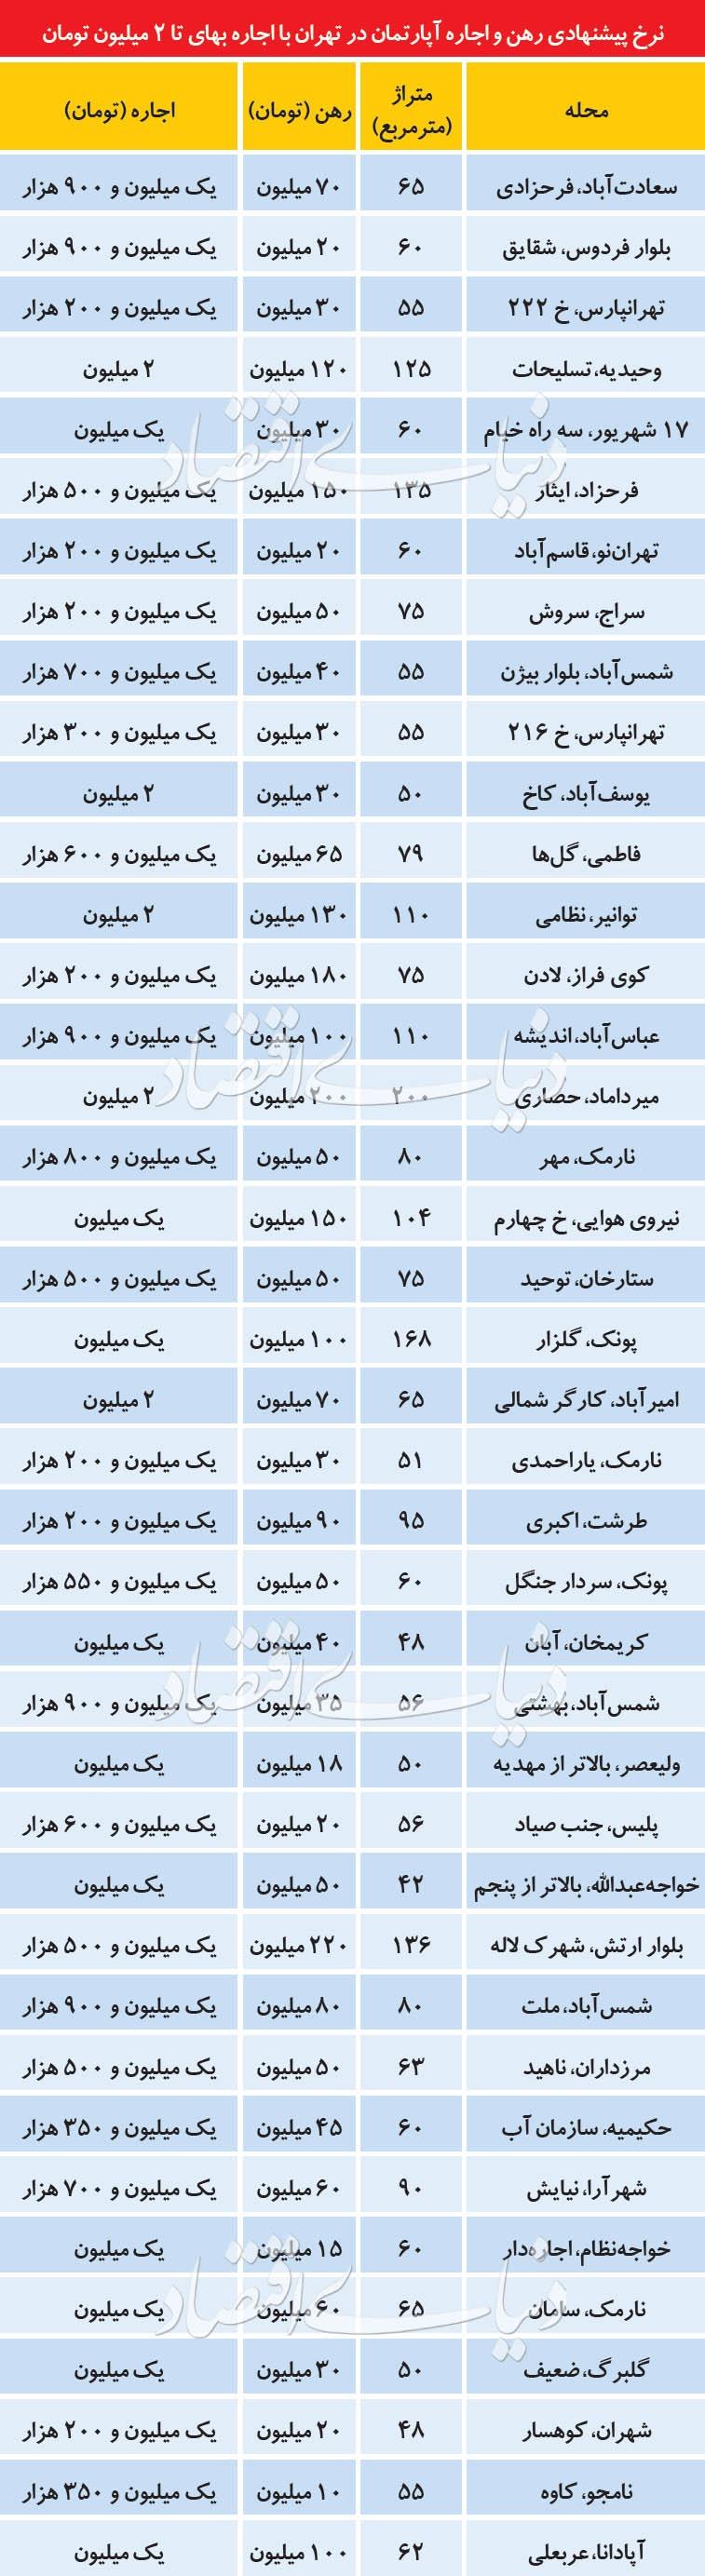 قیمت رهن واجاره آپارتمان در نقاط مختلف تهران